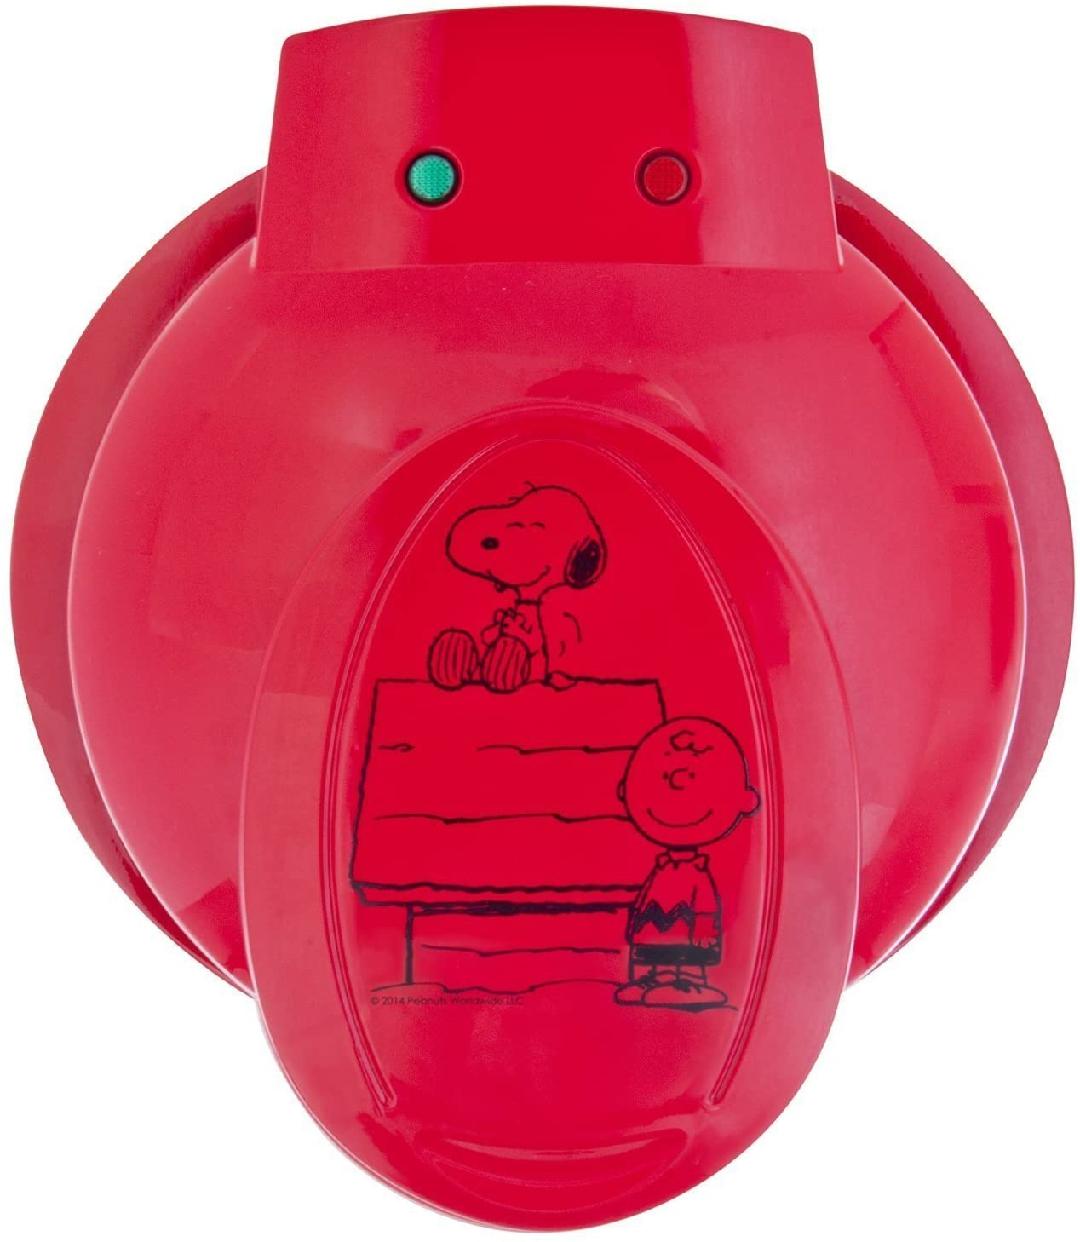 フロンティア物産(フロンティアブッサン)ワッフルメーカー スヌーピー&チャーリーブラウン WM-6S レッドの商品画像